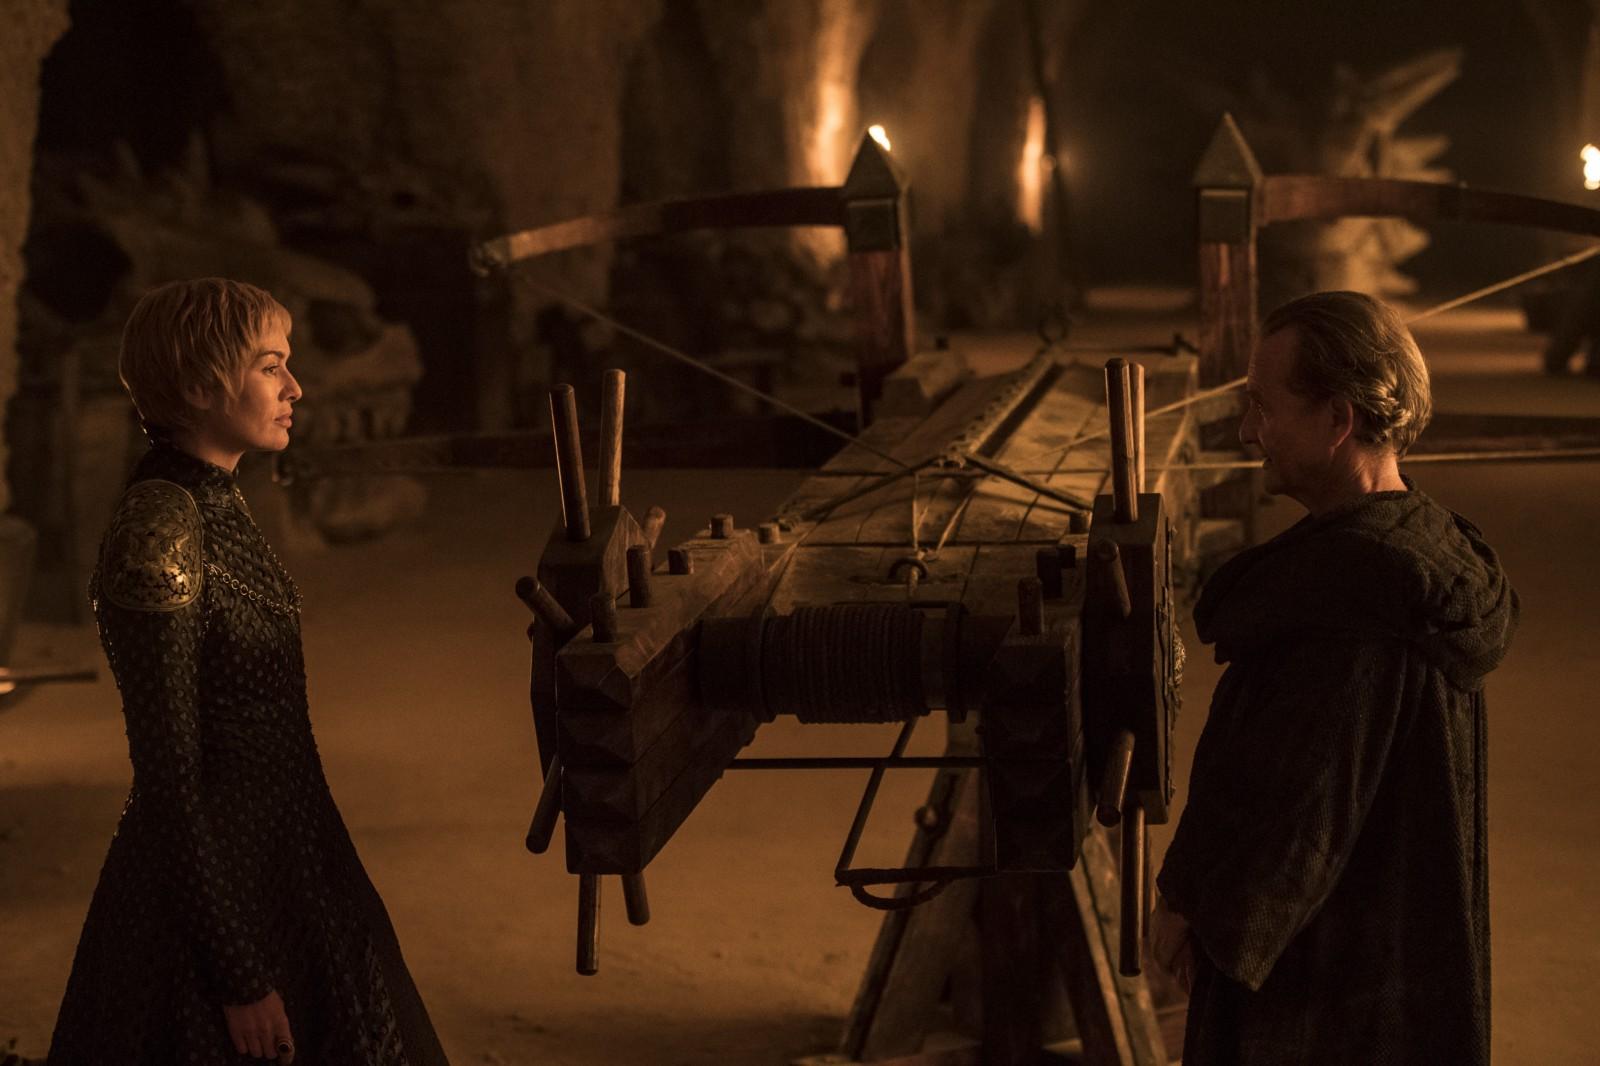 Il trono di spade 7: Lena Headey in una scena dell'episodio Nata dalla tempesta